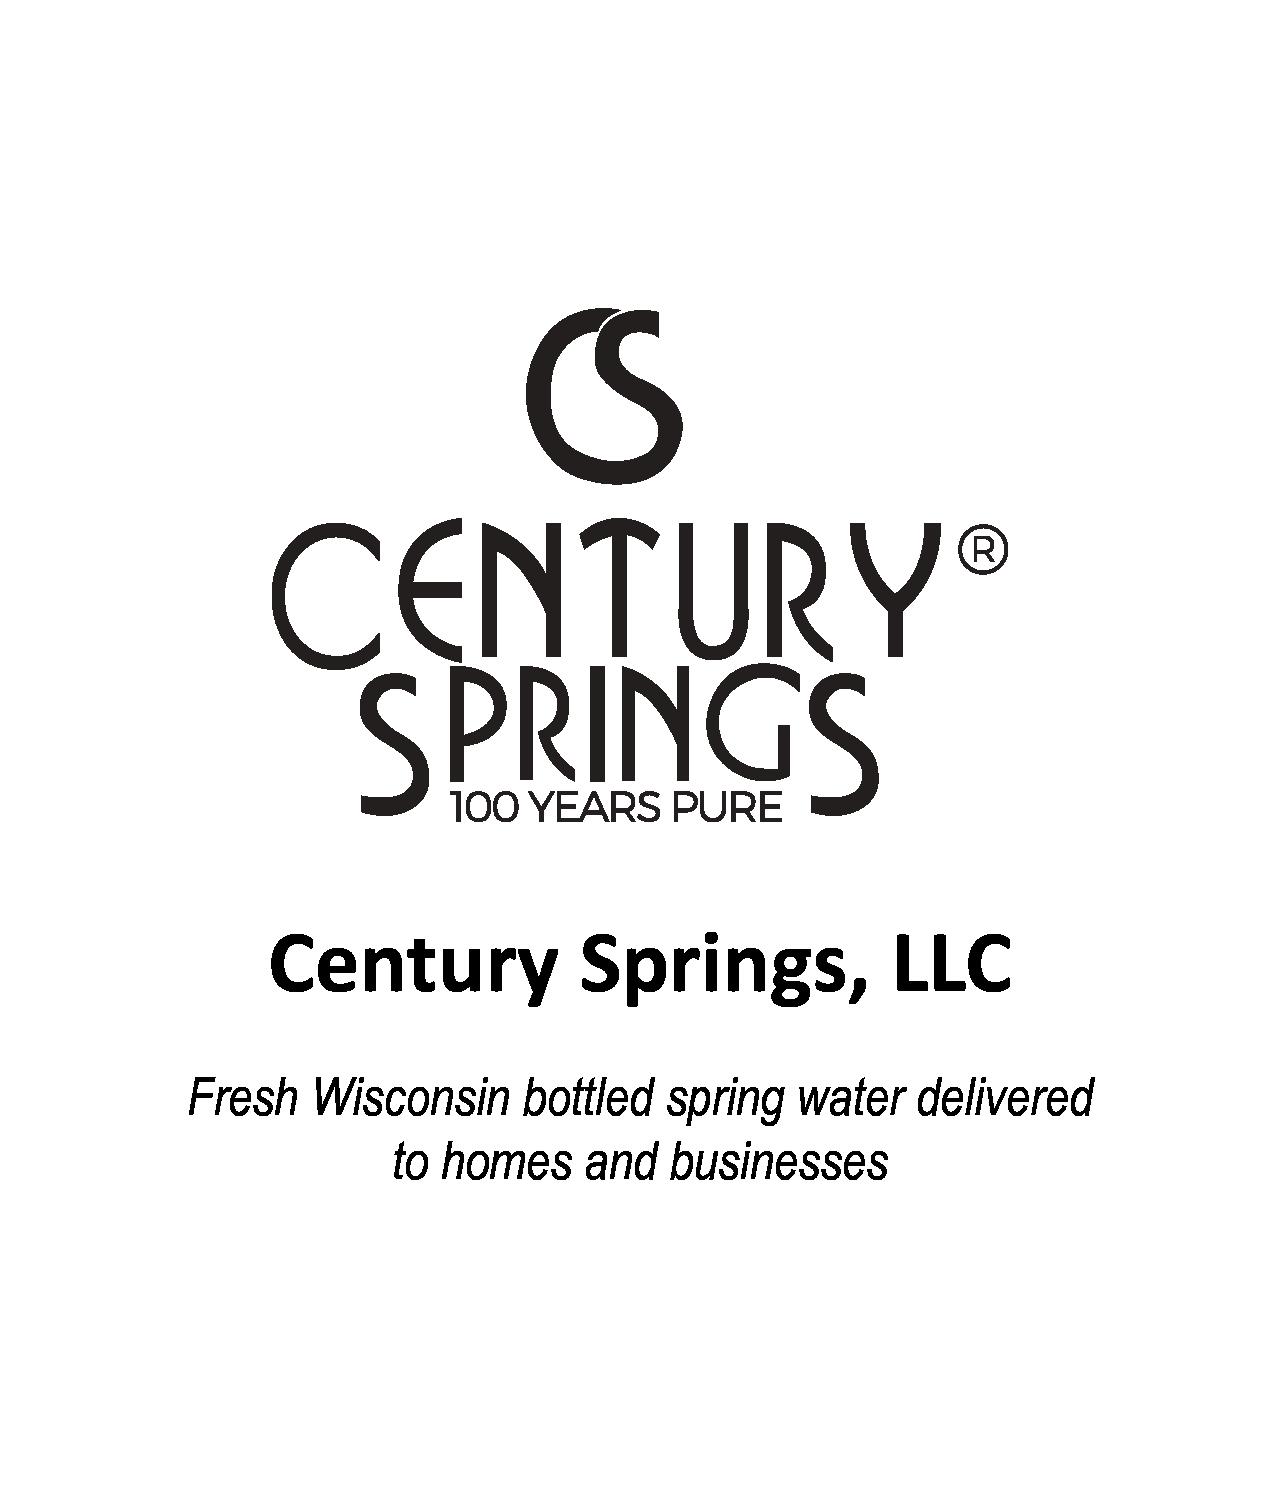 Century Springs